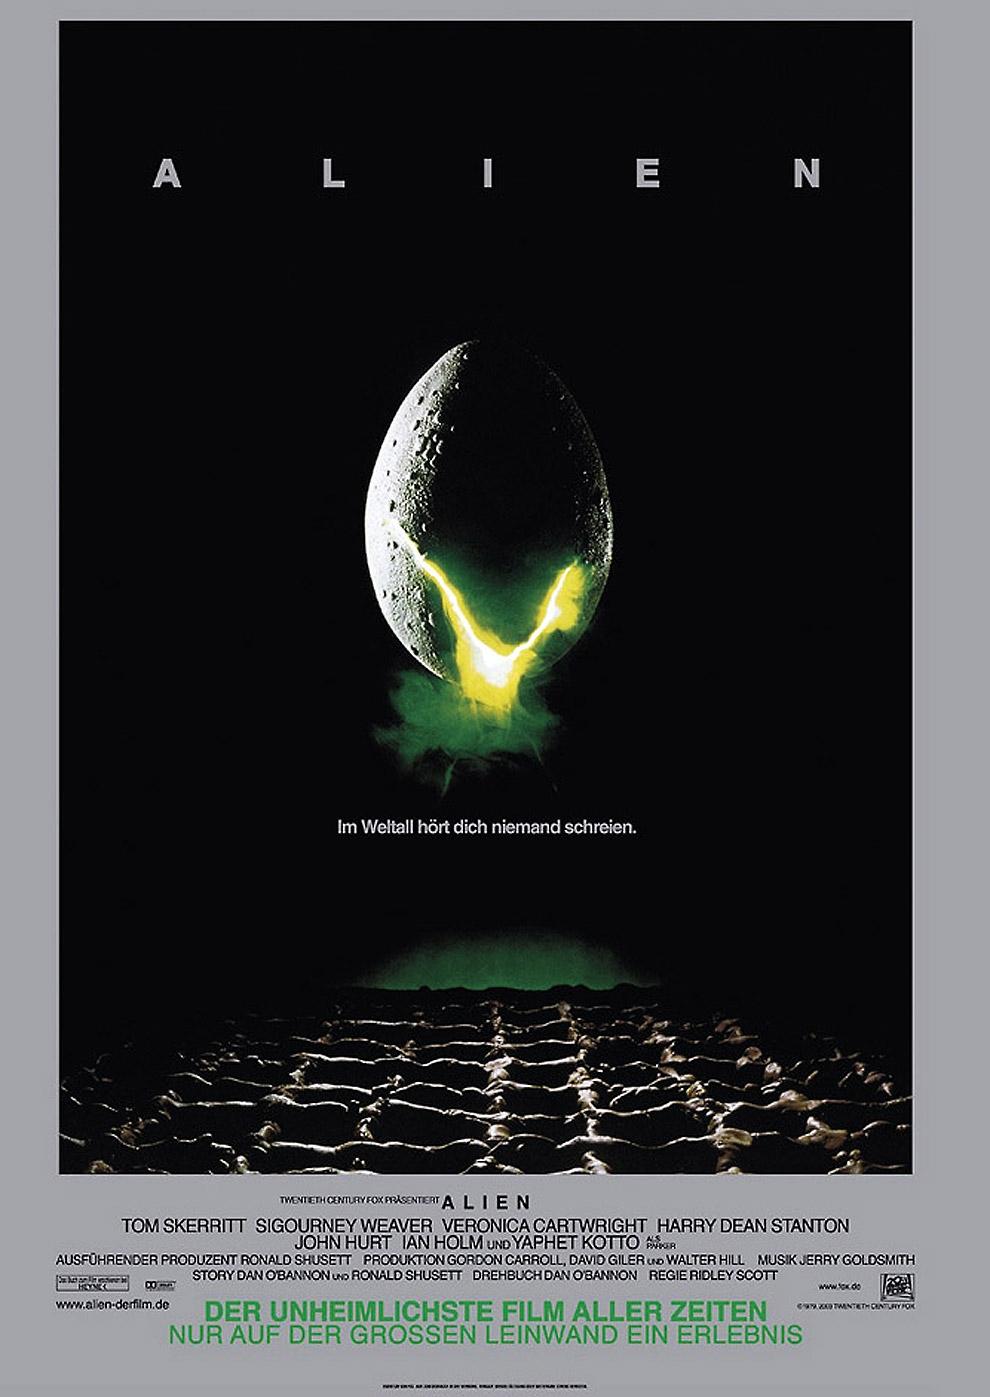 Alien - Das unheimliche Wesen aus einer fremden Welt (Poster)